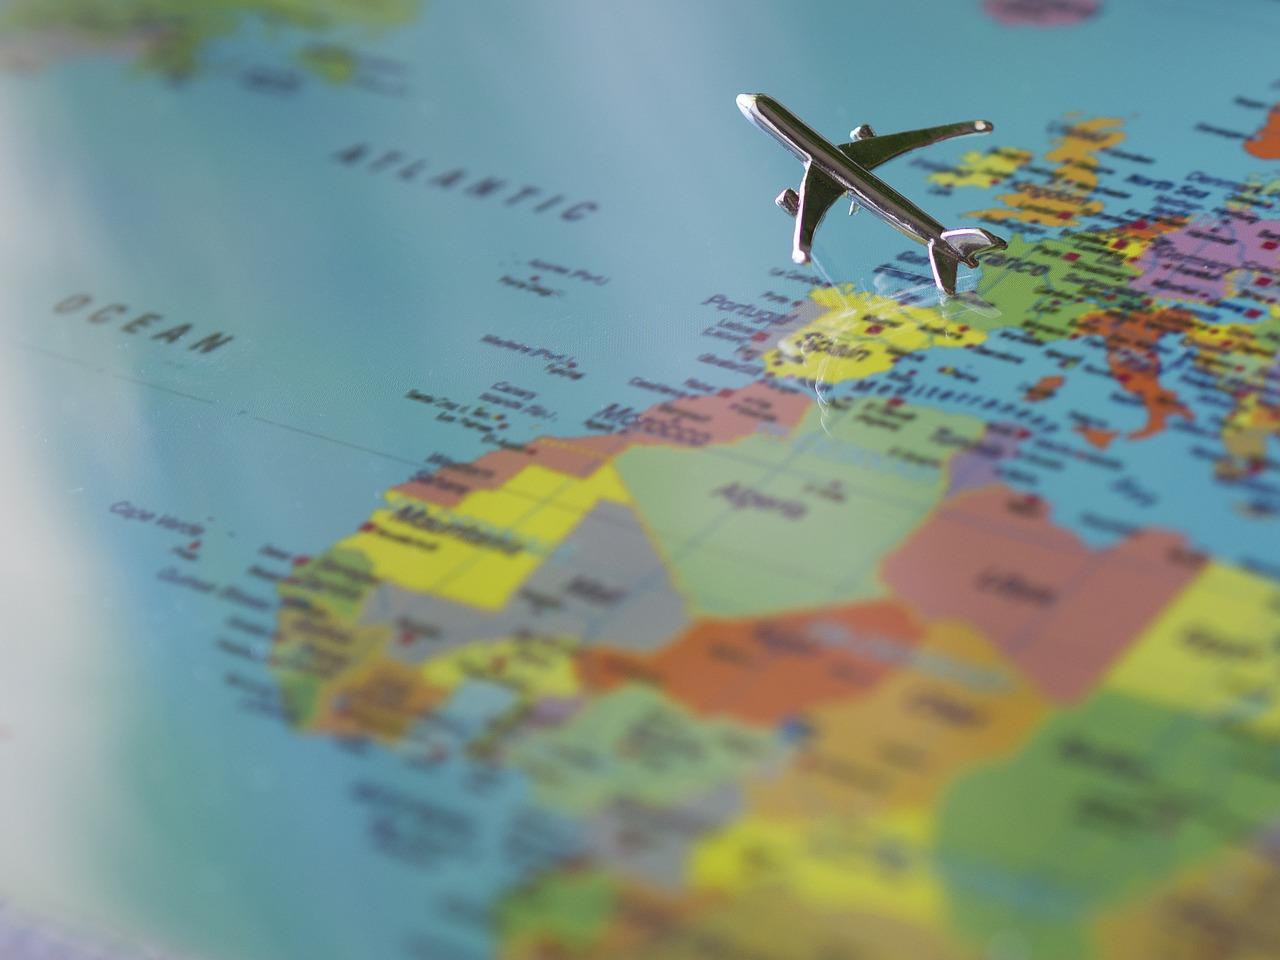 Travel around Africa using Bitcoin